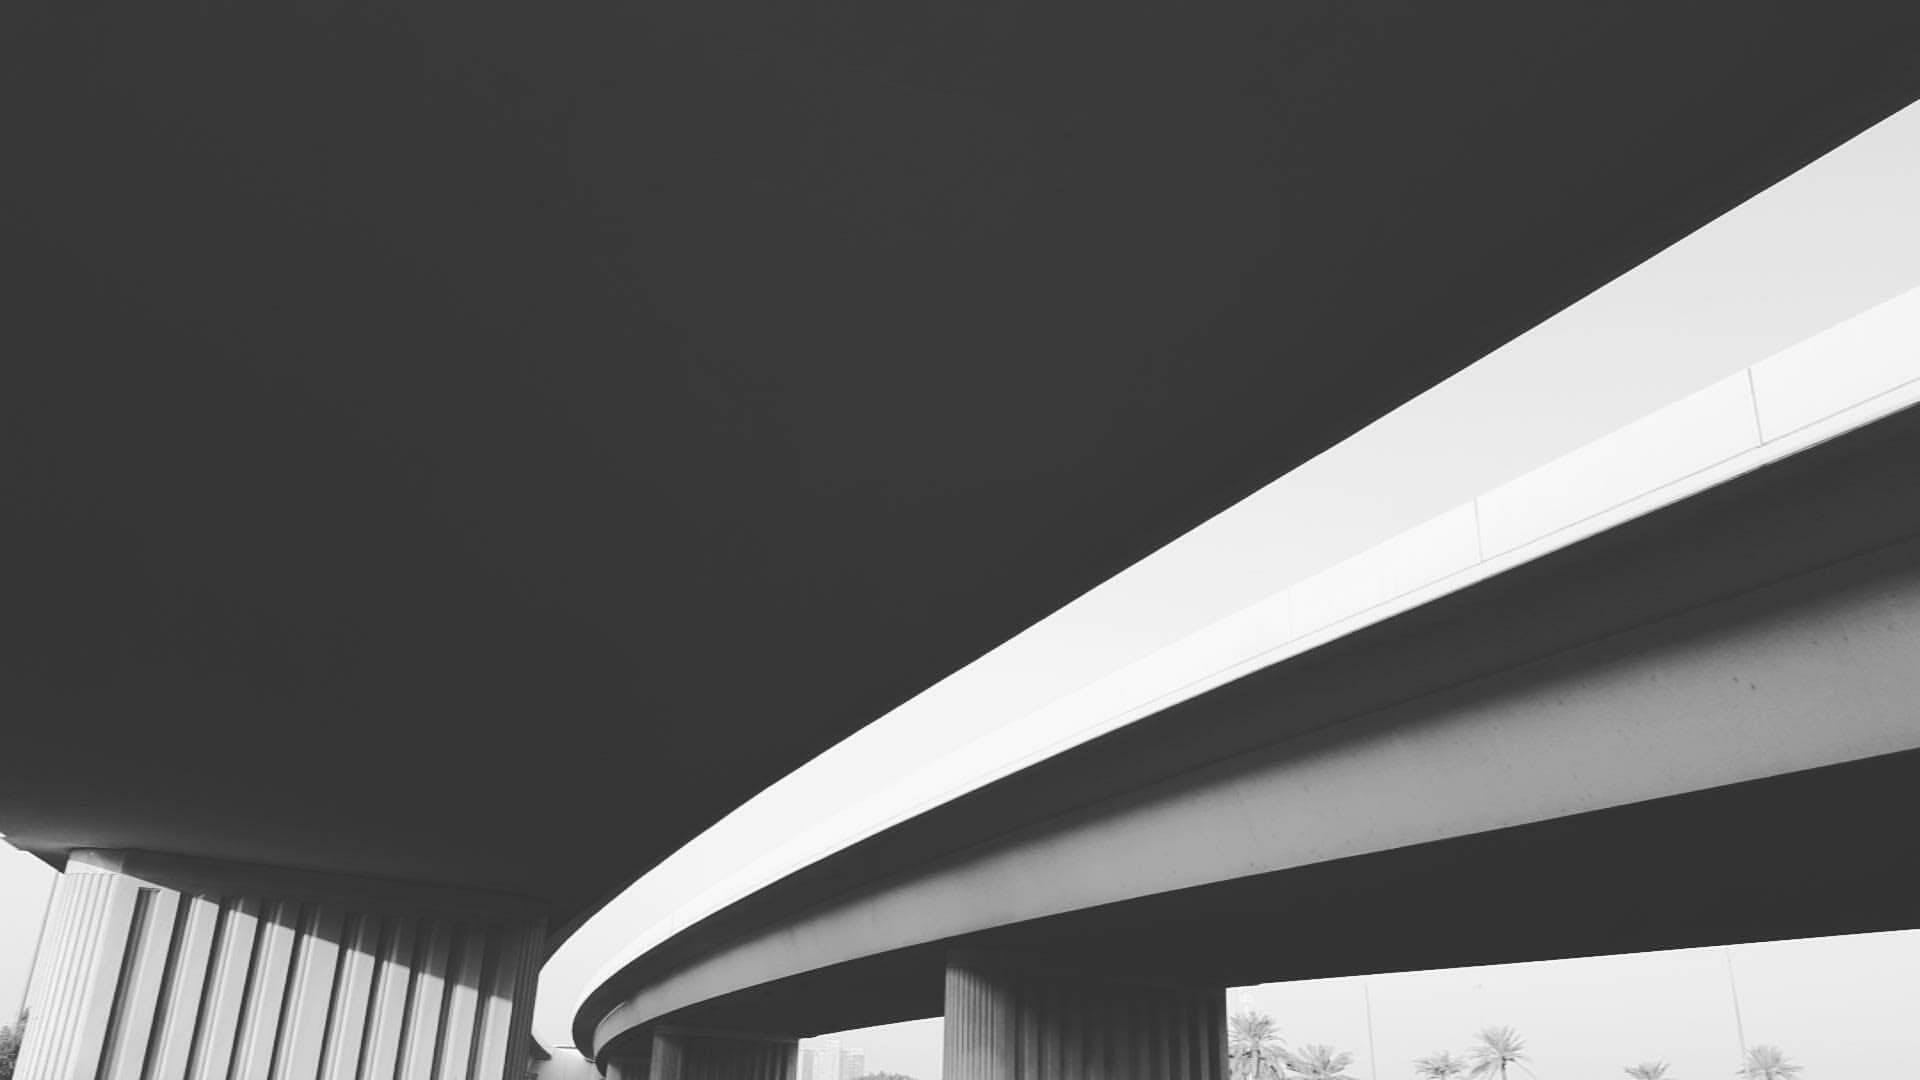 Δωρεάν στοκ φωτογραφιών με αρχιτεκτονική, ασπρόμαυρο, ατσάλι, ελαφρύς